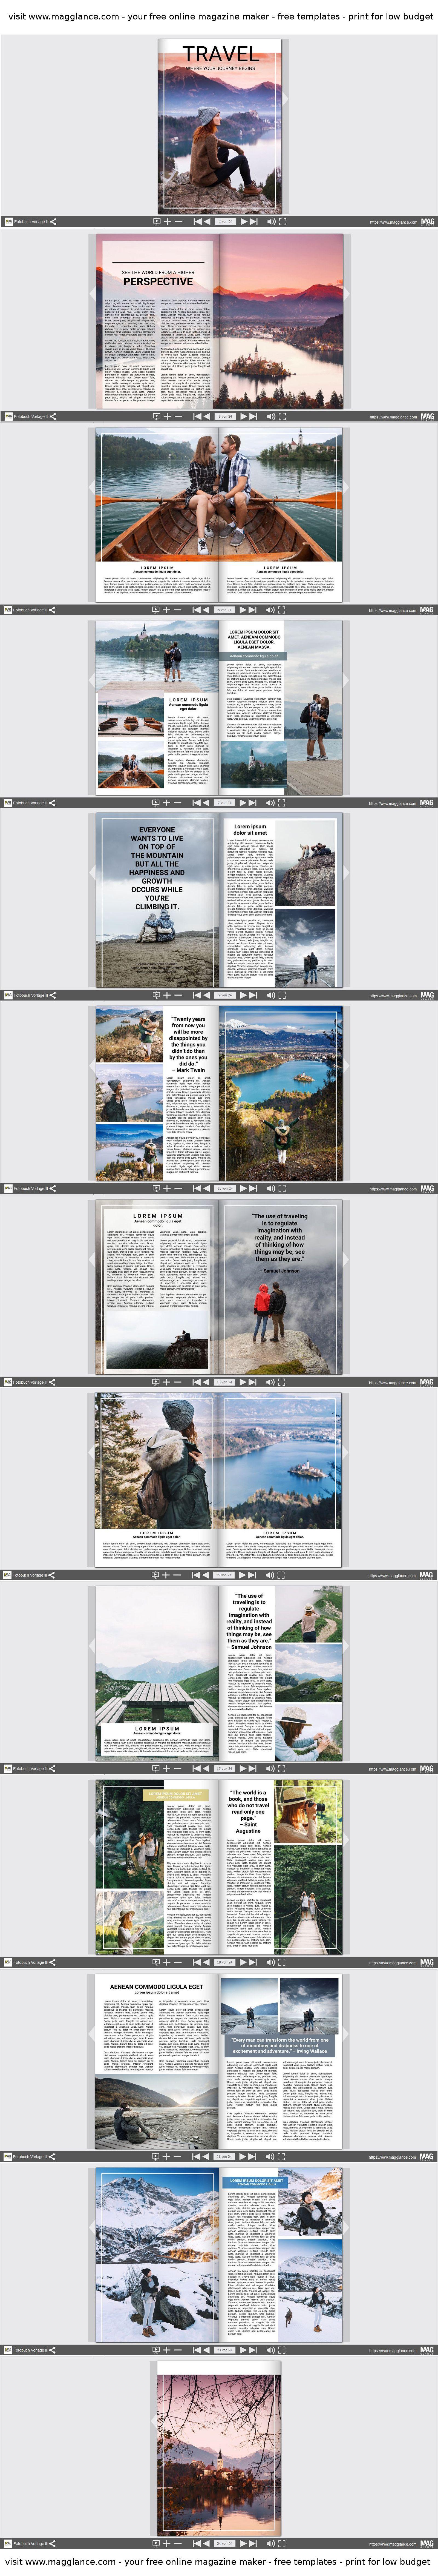 Pin von MAG GLANCE (Germany) auf Fotobuch Vorlagen | Pinterest ...